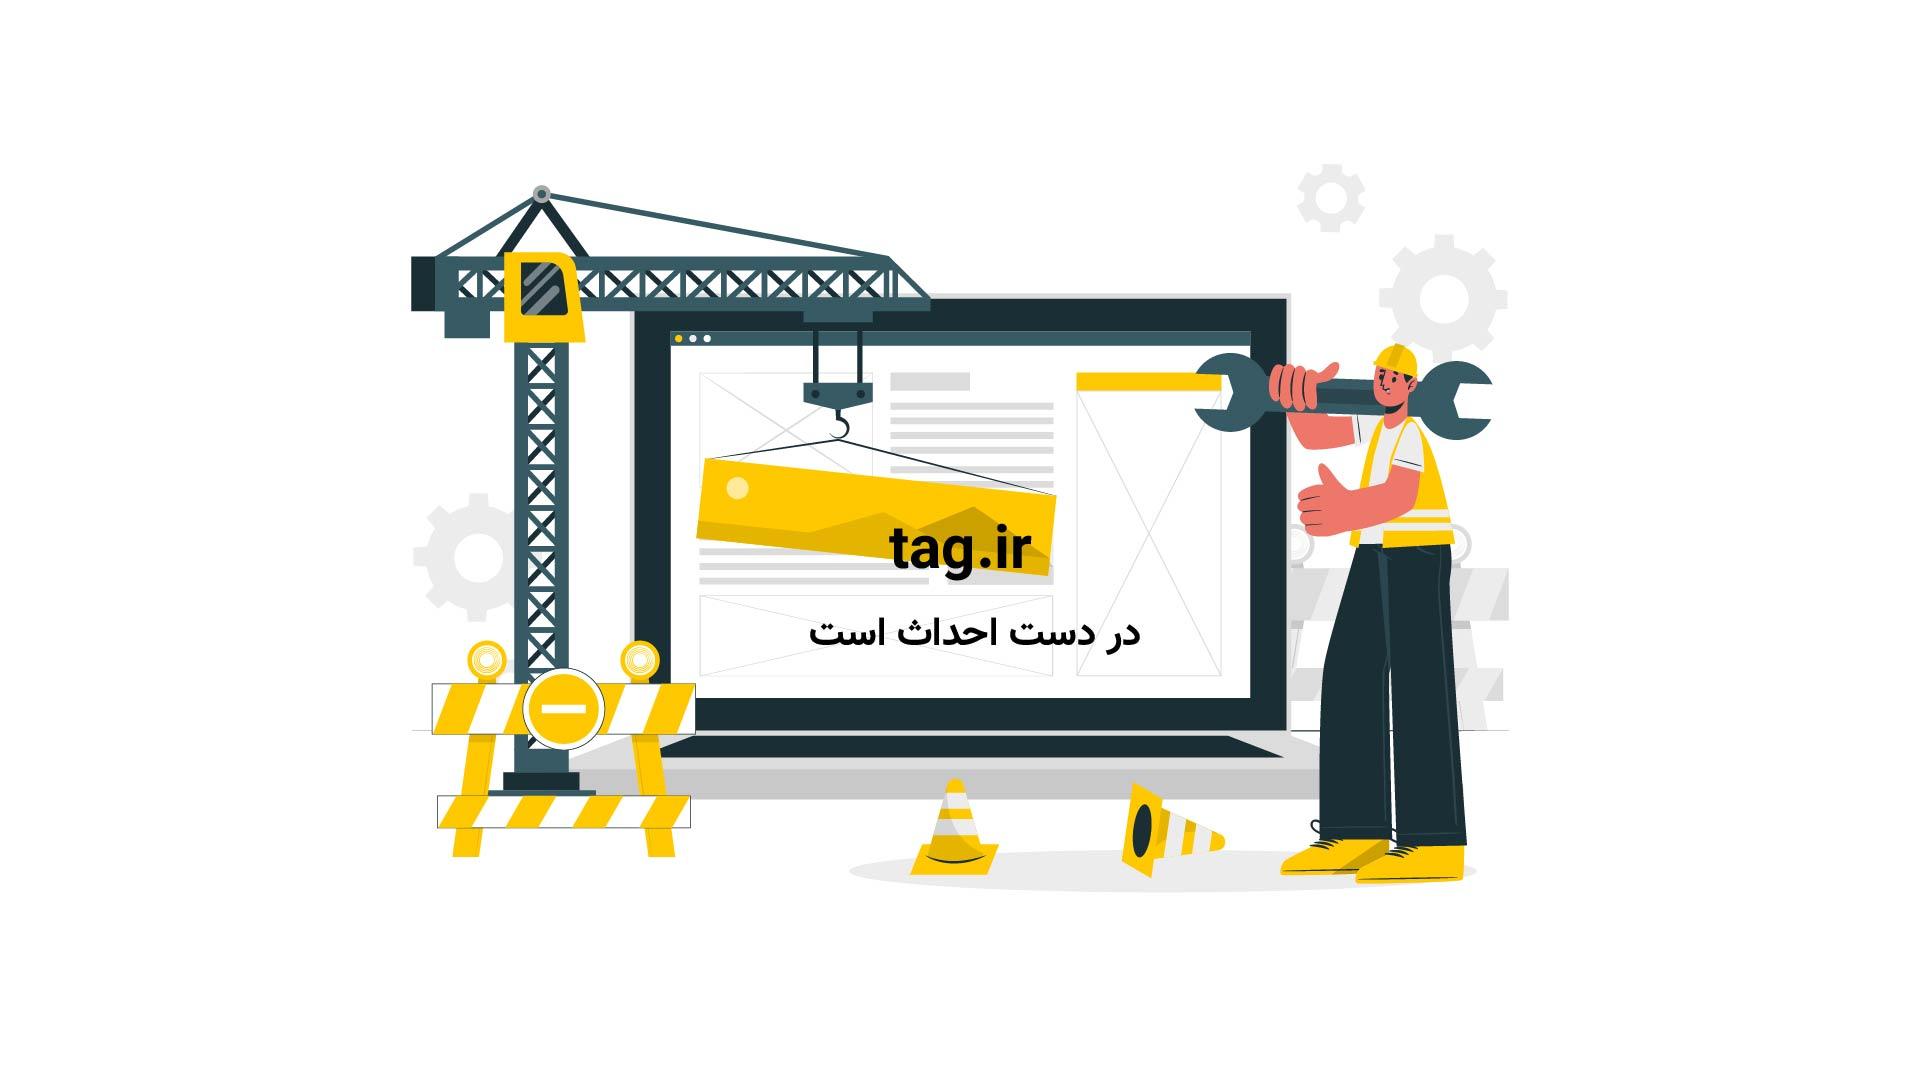 مسجد مهراباد | تگ